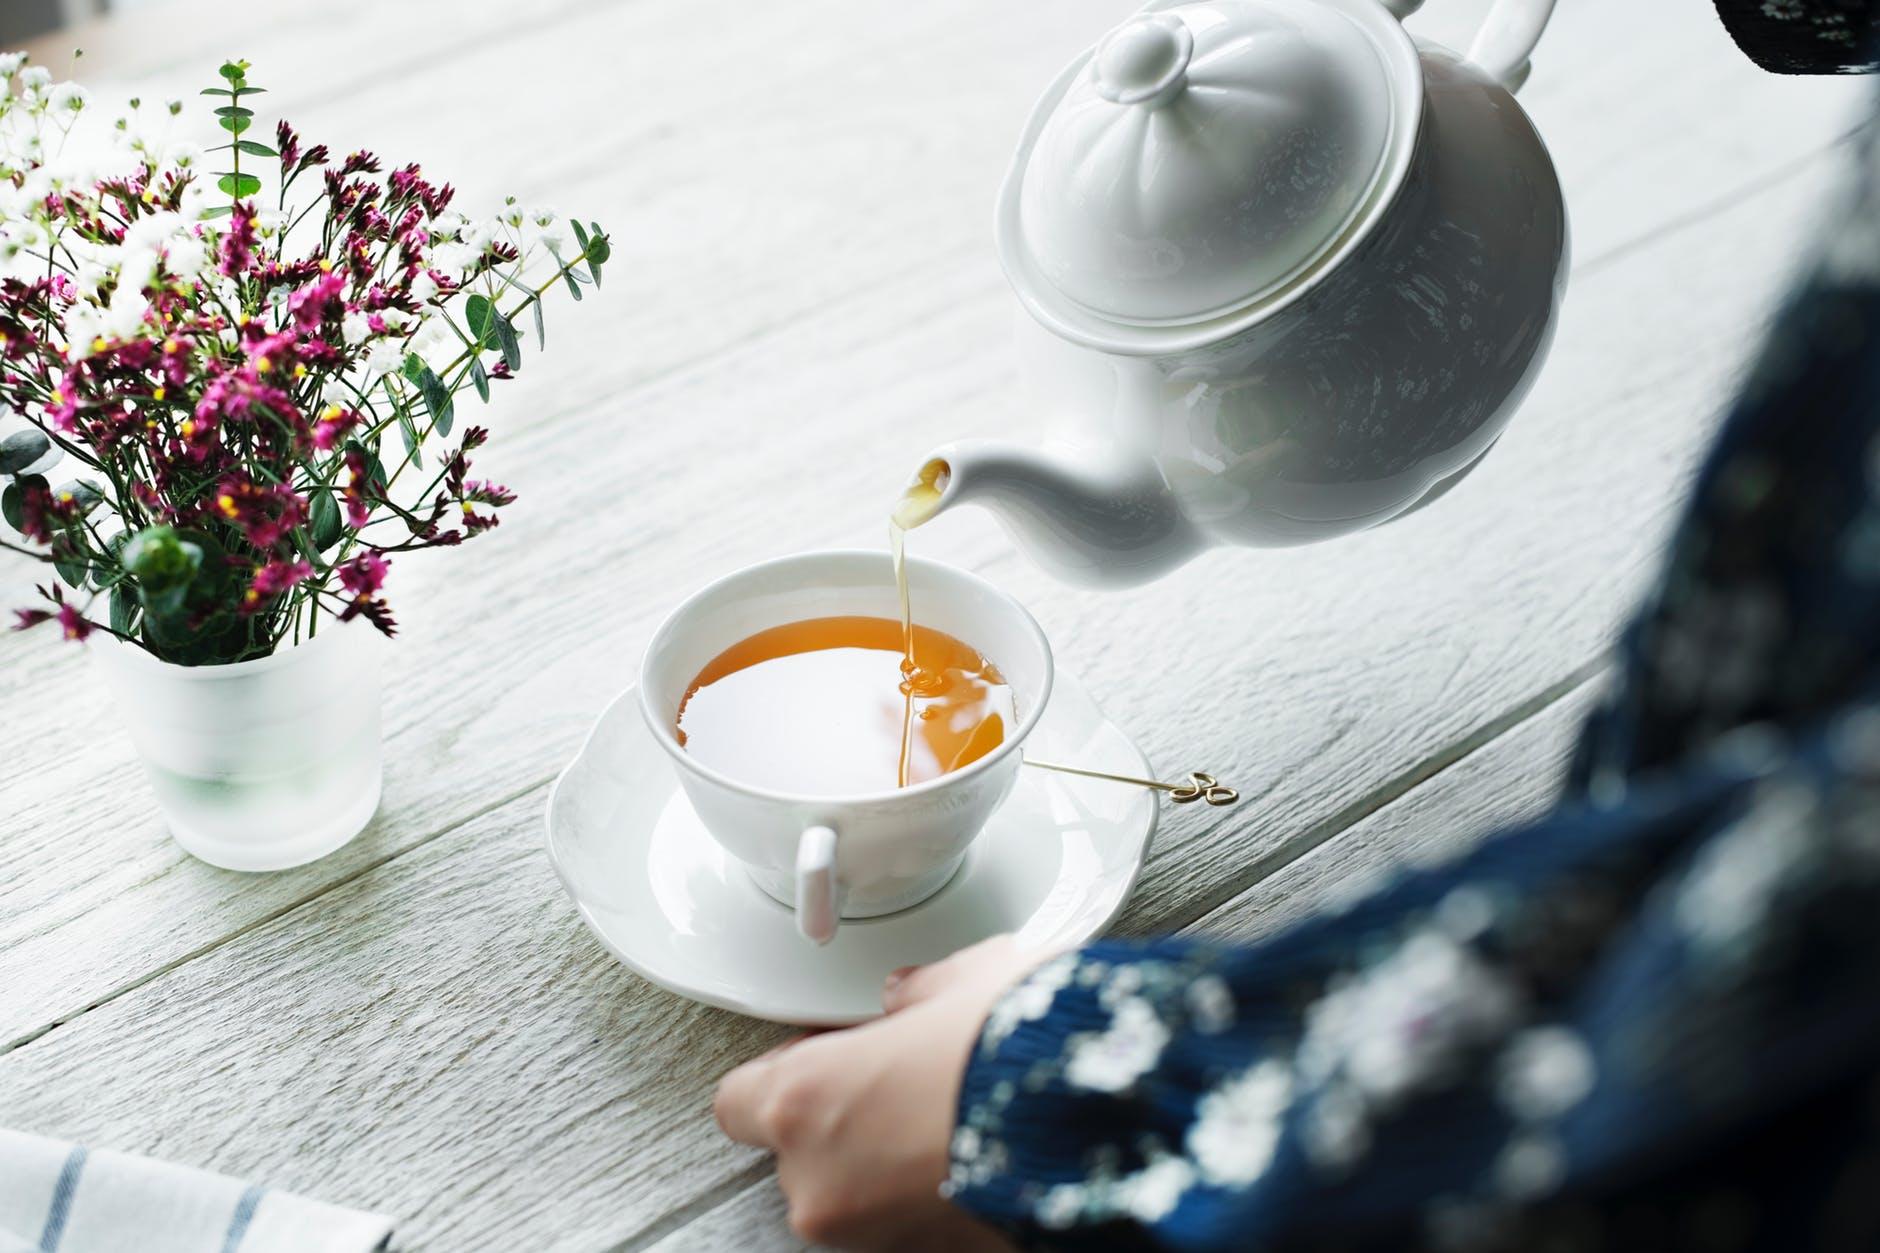 Cum se prepara ceaiul cu seminte de chia